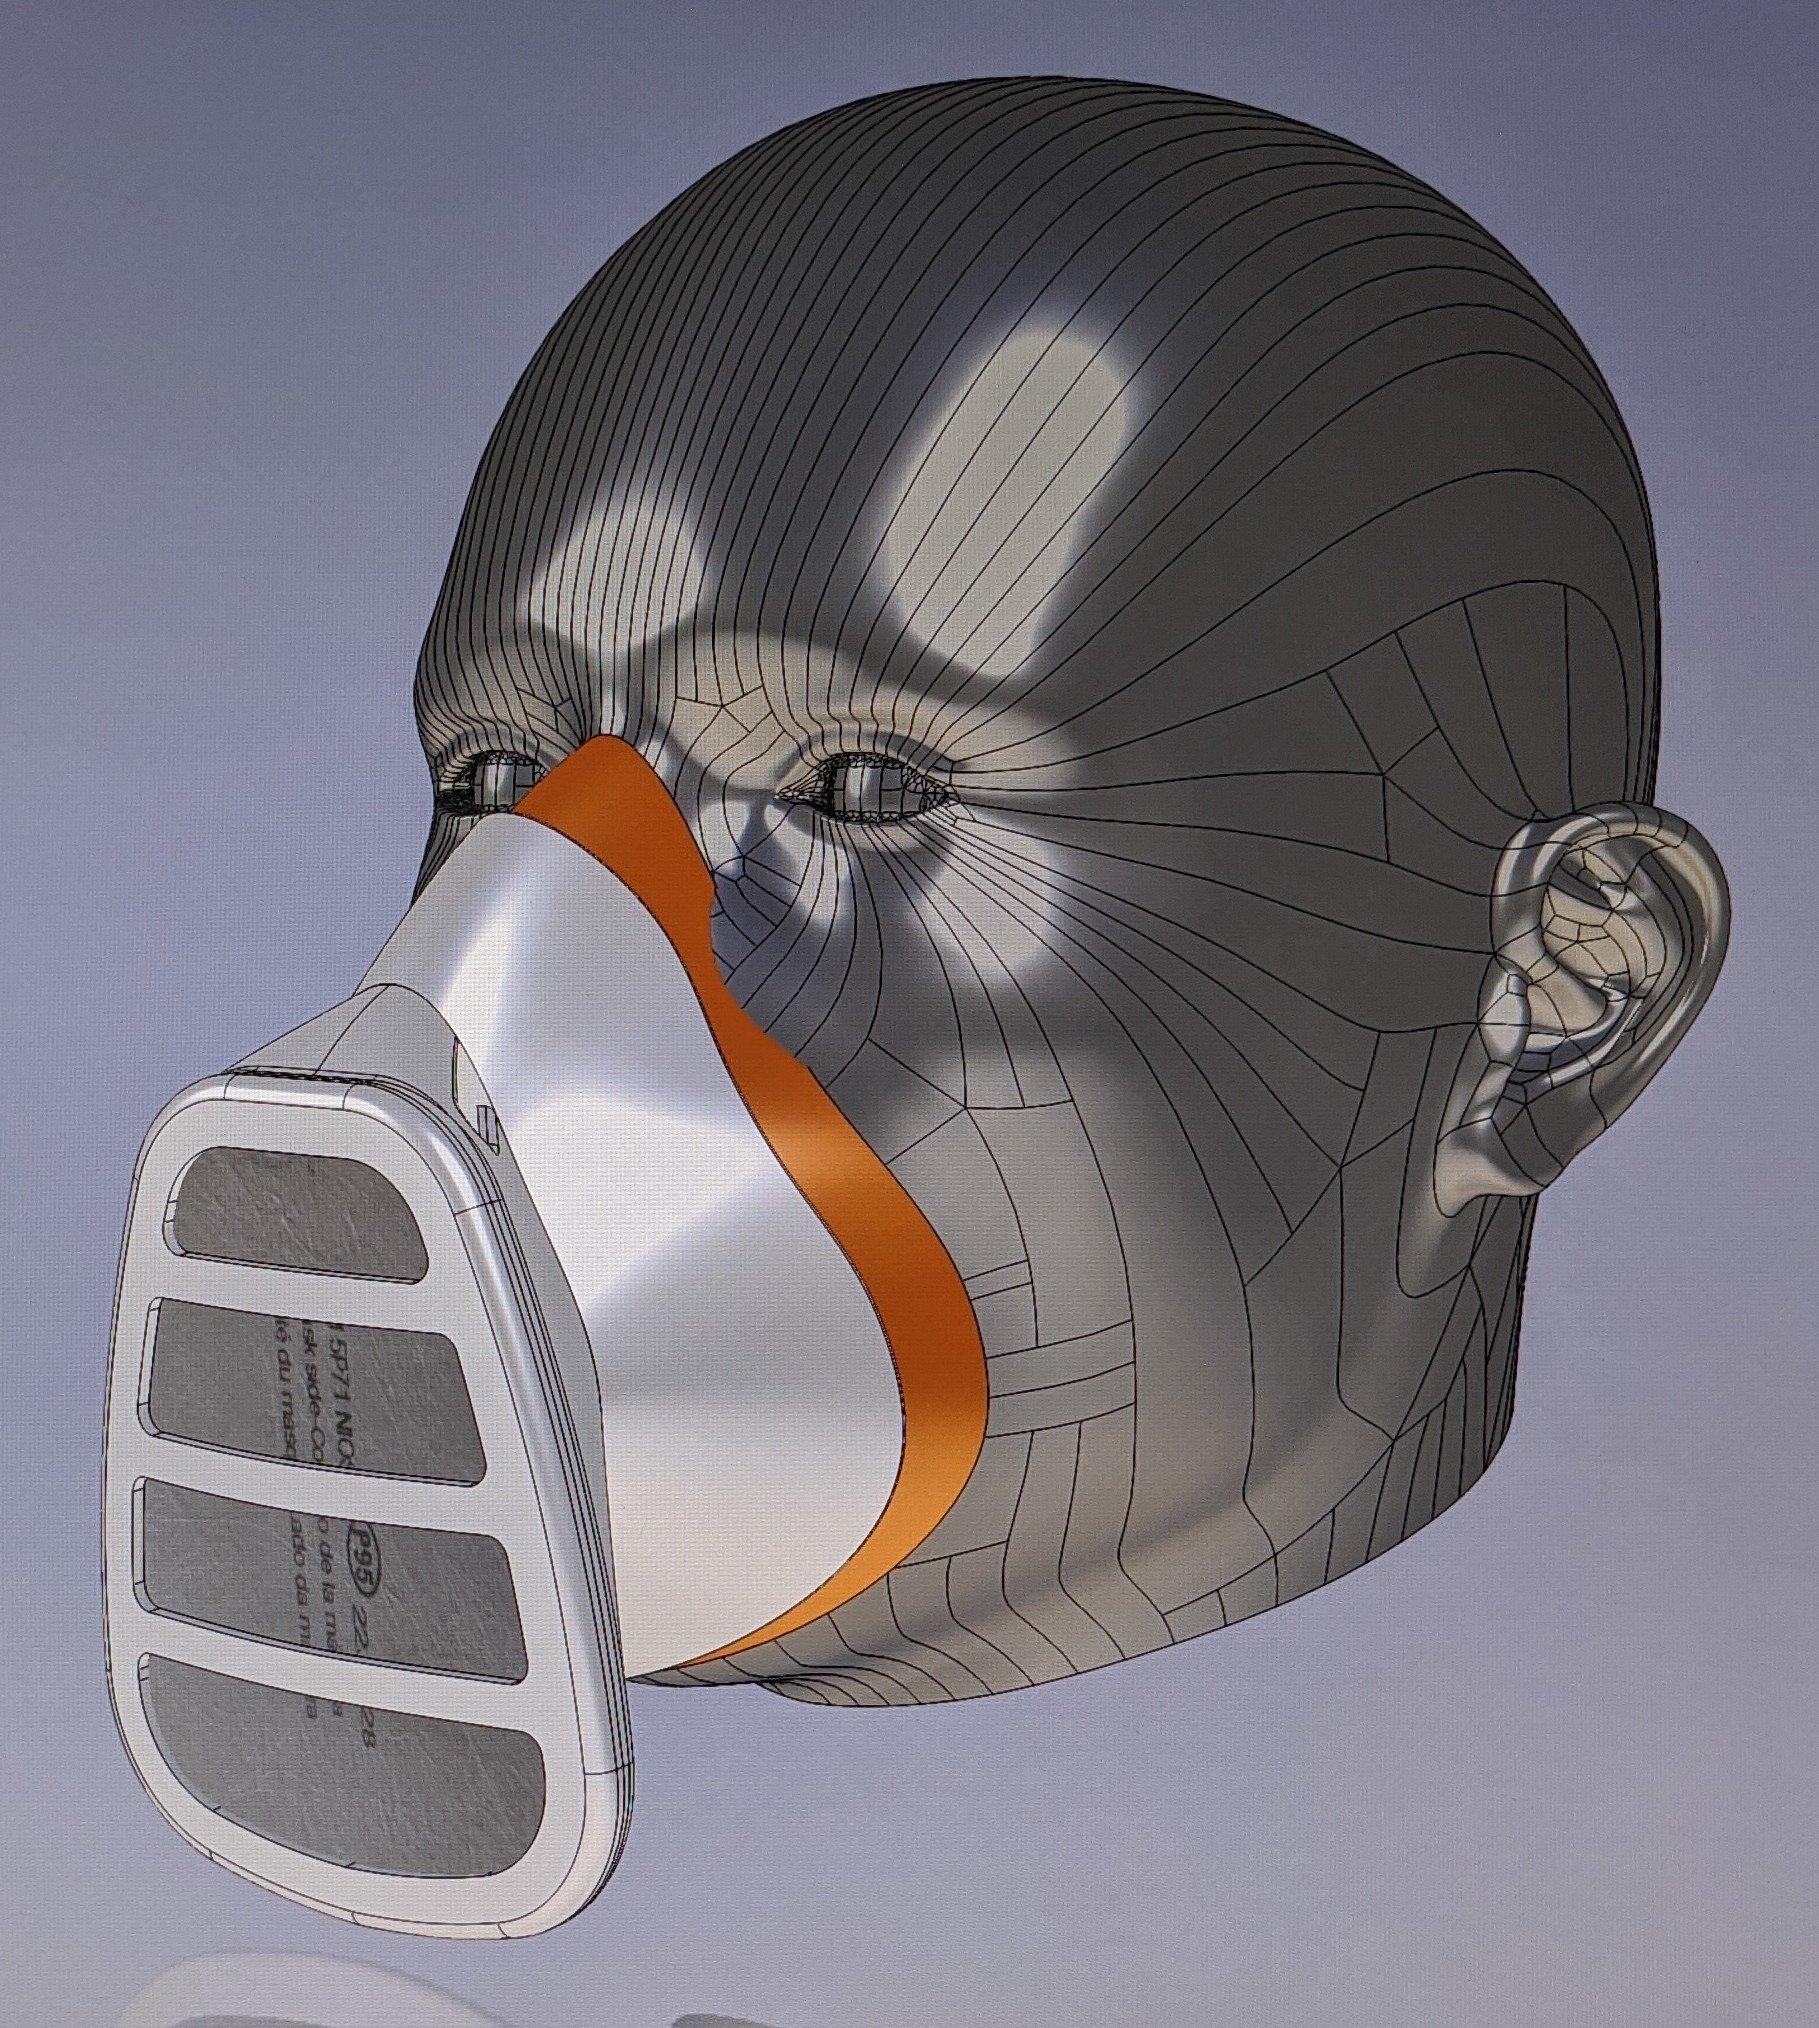 Filter Face Mask - n95 filter, shop mask